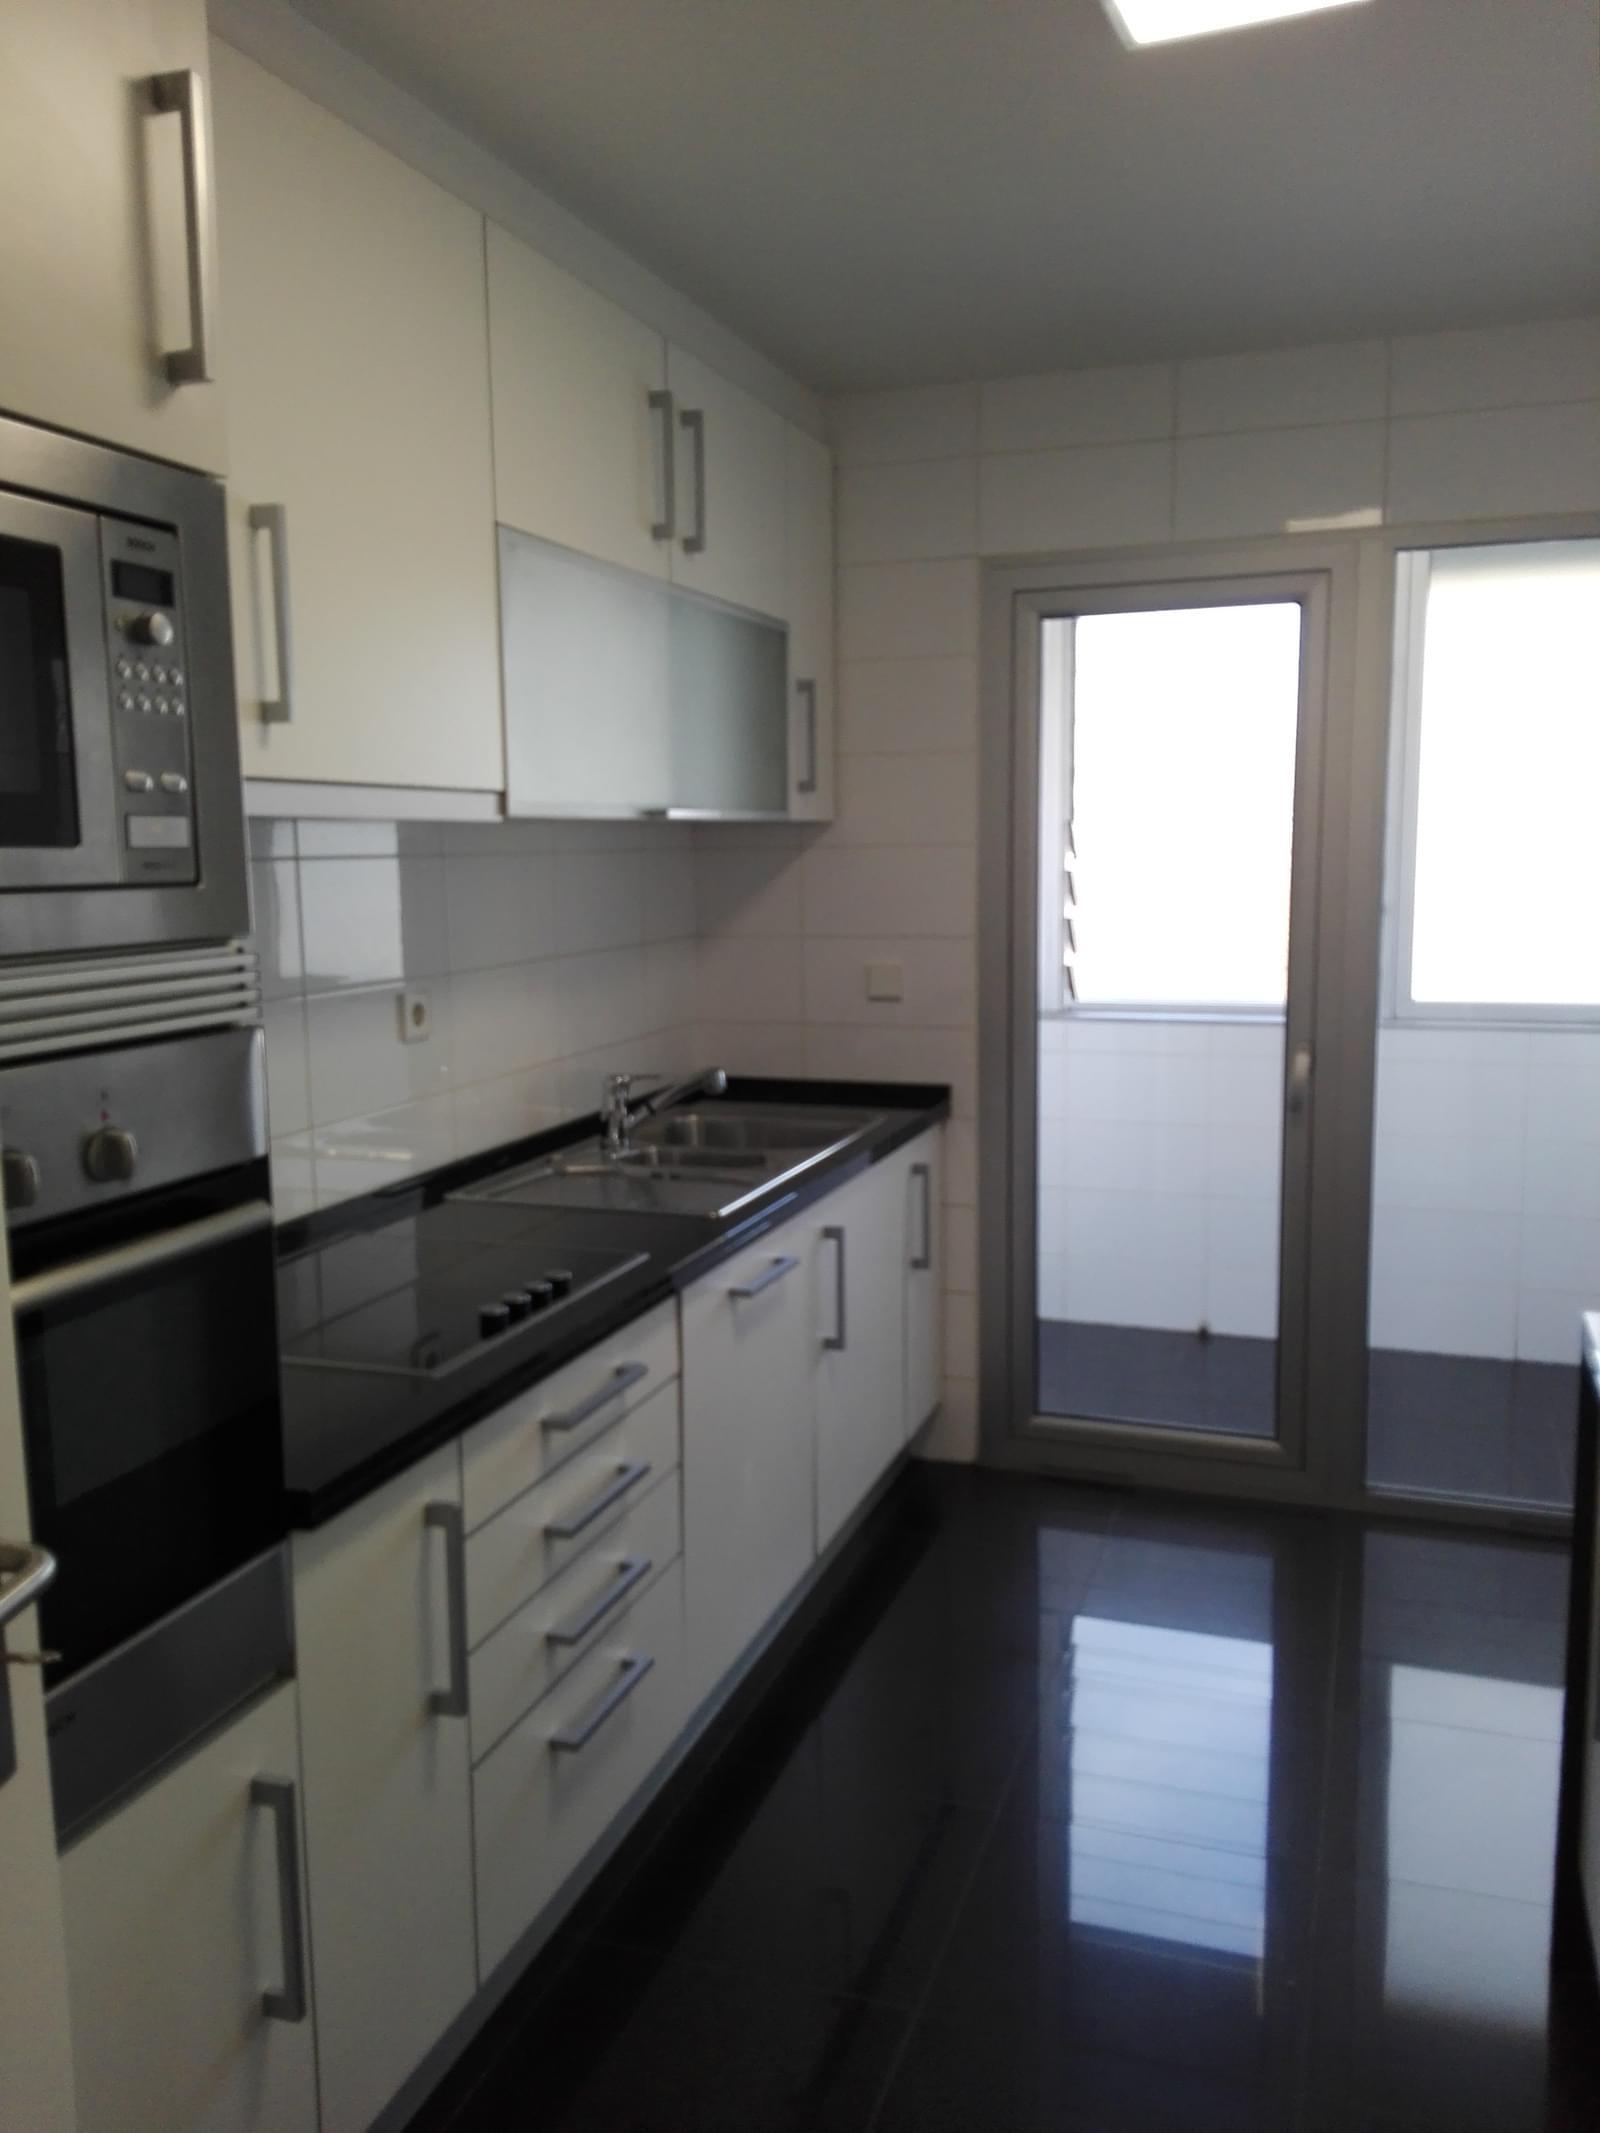 pf18814-apartamento-t2-lisboa-613b309c-e9a9-46d3-ba06-dfe93419cd67